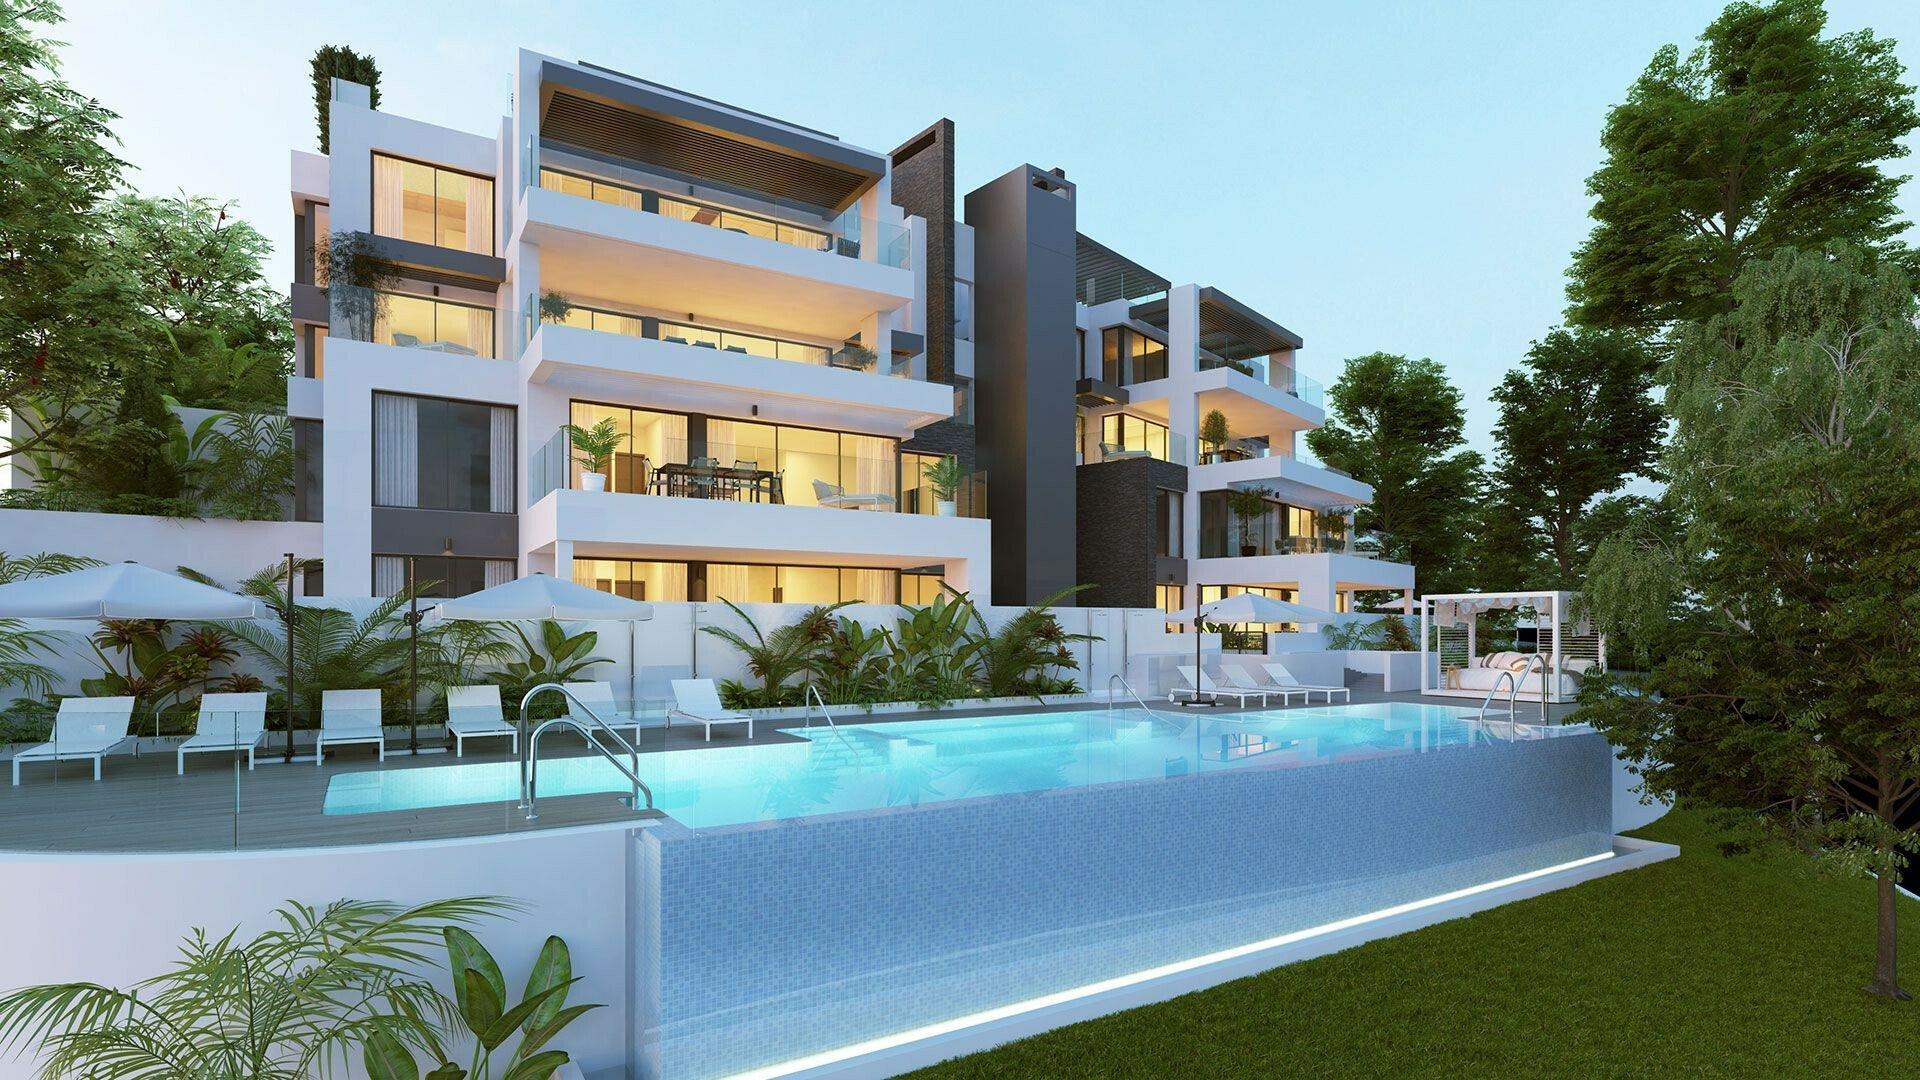 Appartamento a Marbella, Andalusia, Spagna 1 - 11436170